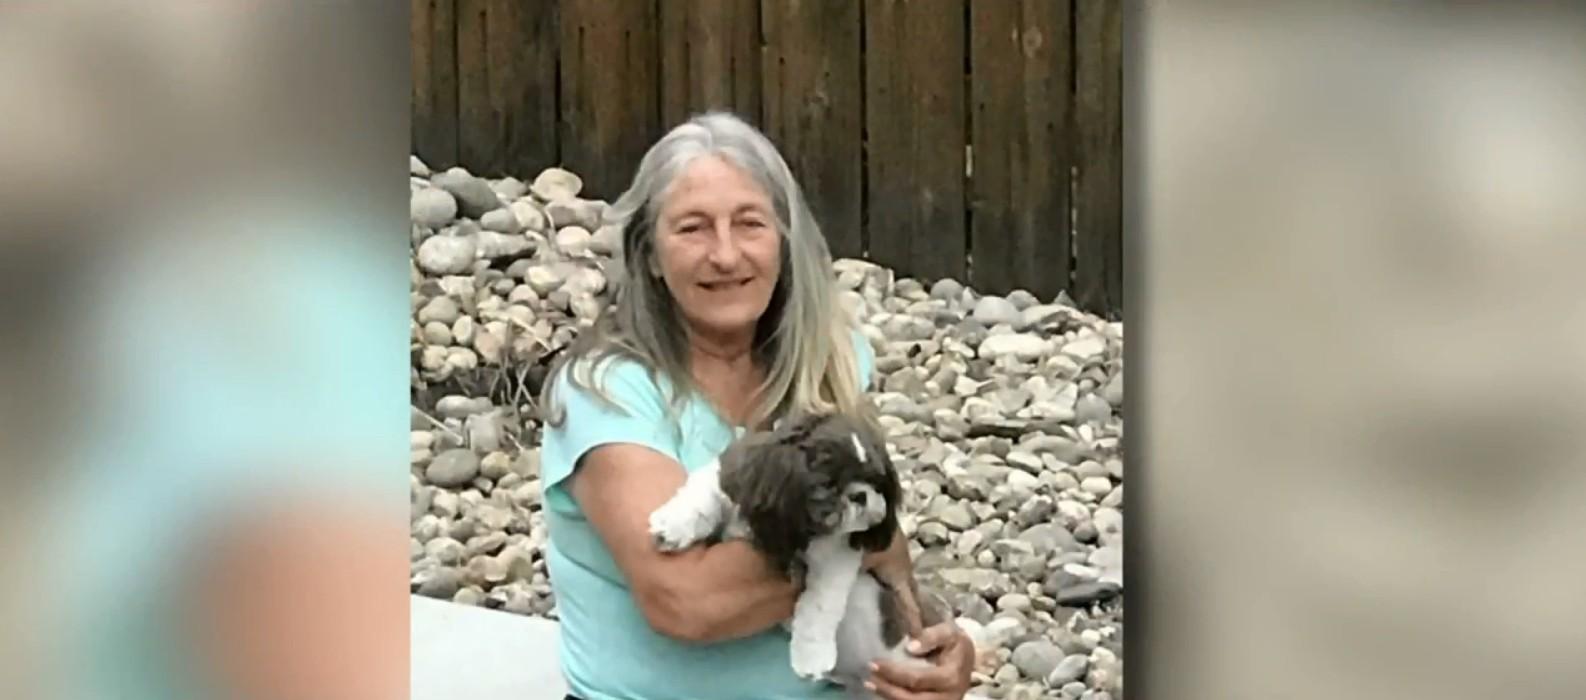 Sharon Larson faleceu após bactéria entrar em seu organismo pela mordida do cão (Foto: Reprodução/WTMJ-TV)